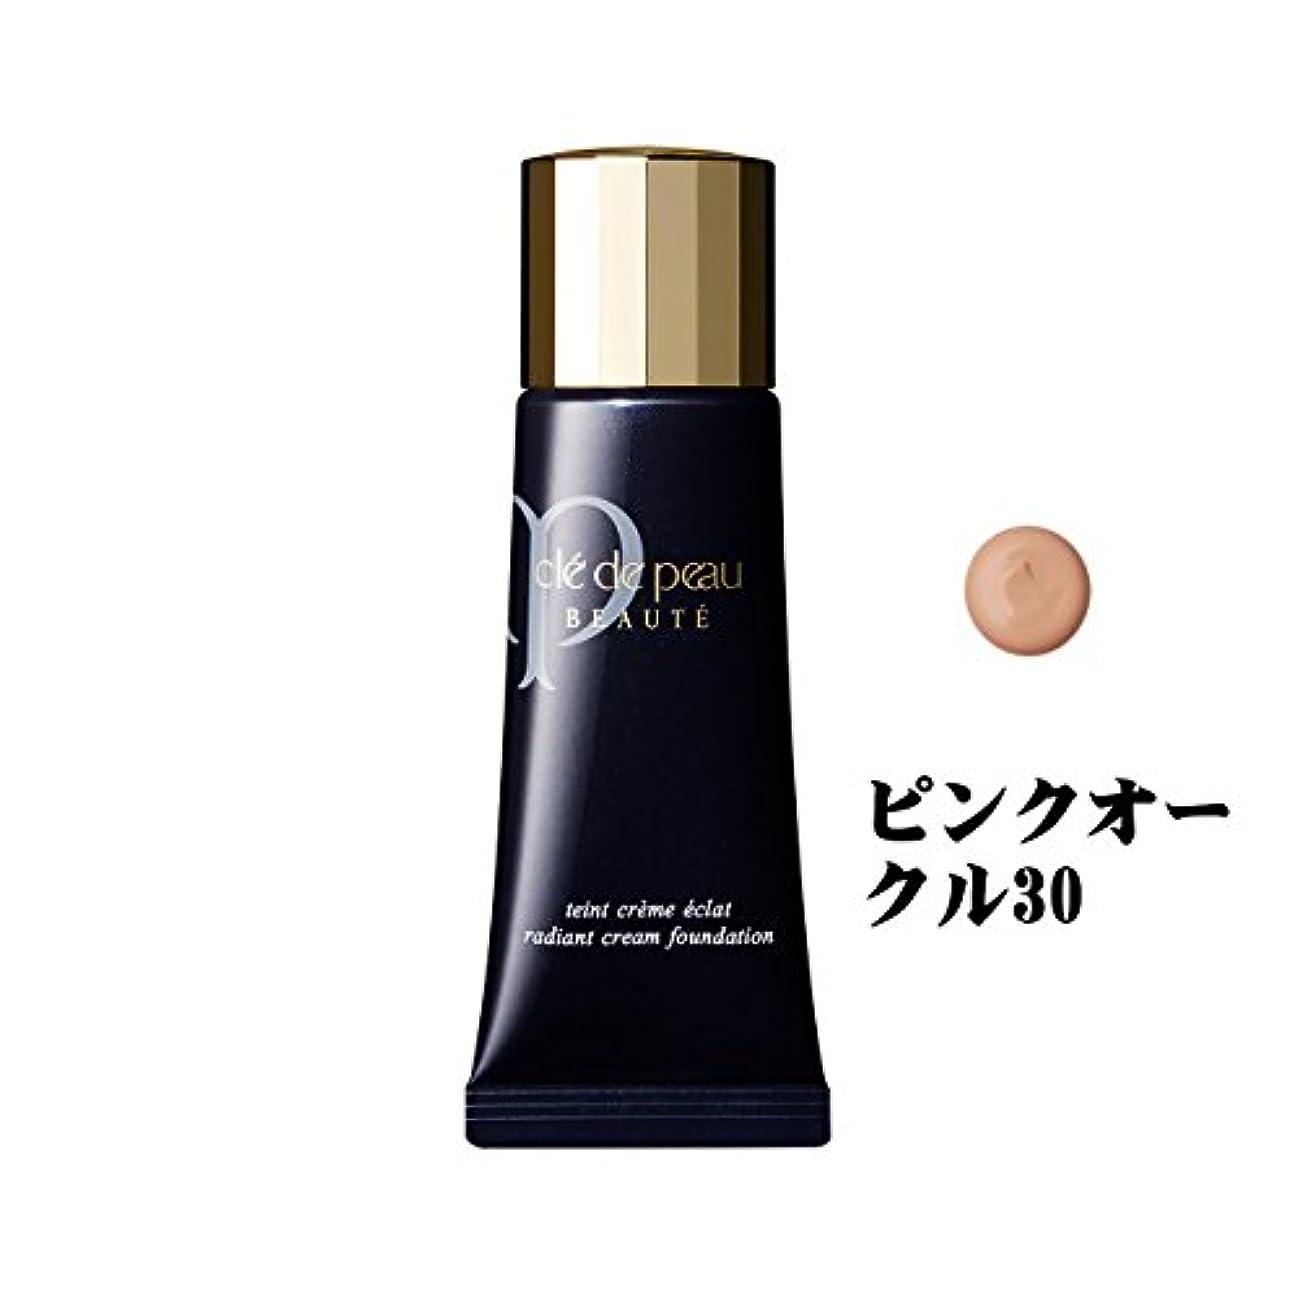 弁護腐敗水星資生堂/shiseido クレドポーボーテ/CPB タンクレームエクラ クリームタイプ SPF25?PA++ ピンクオークル30